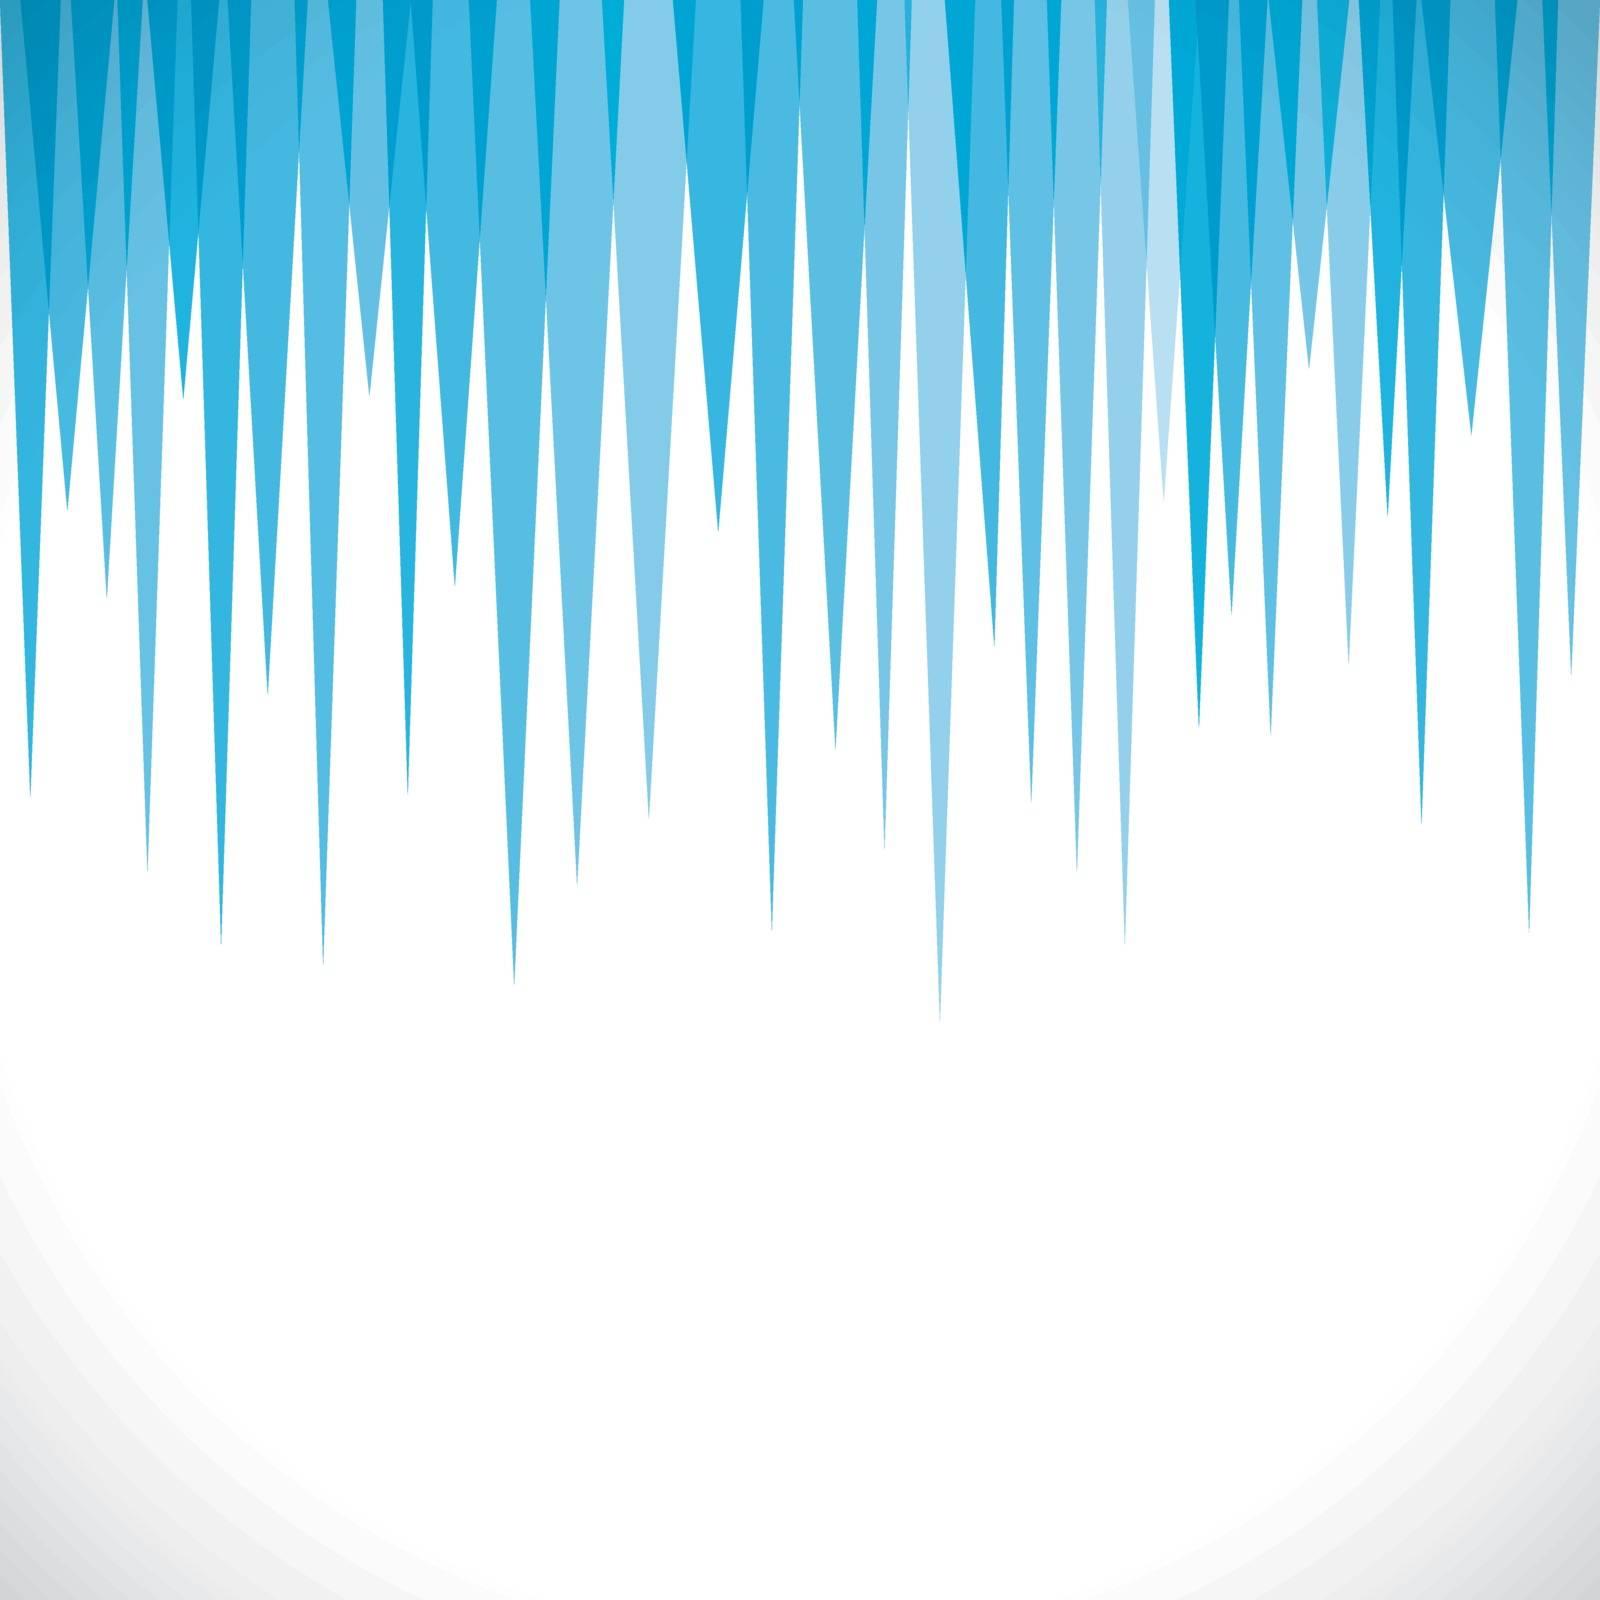 sharp blue strip background